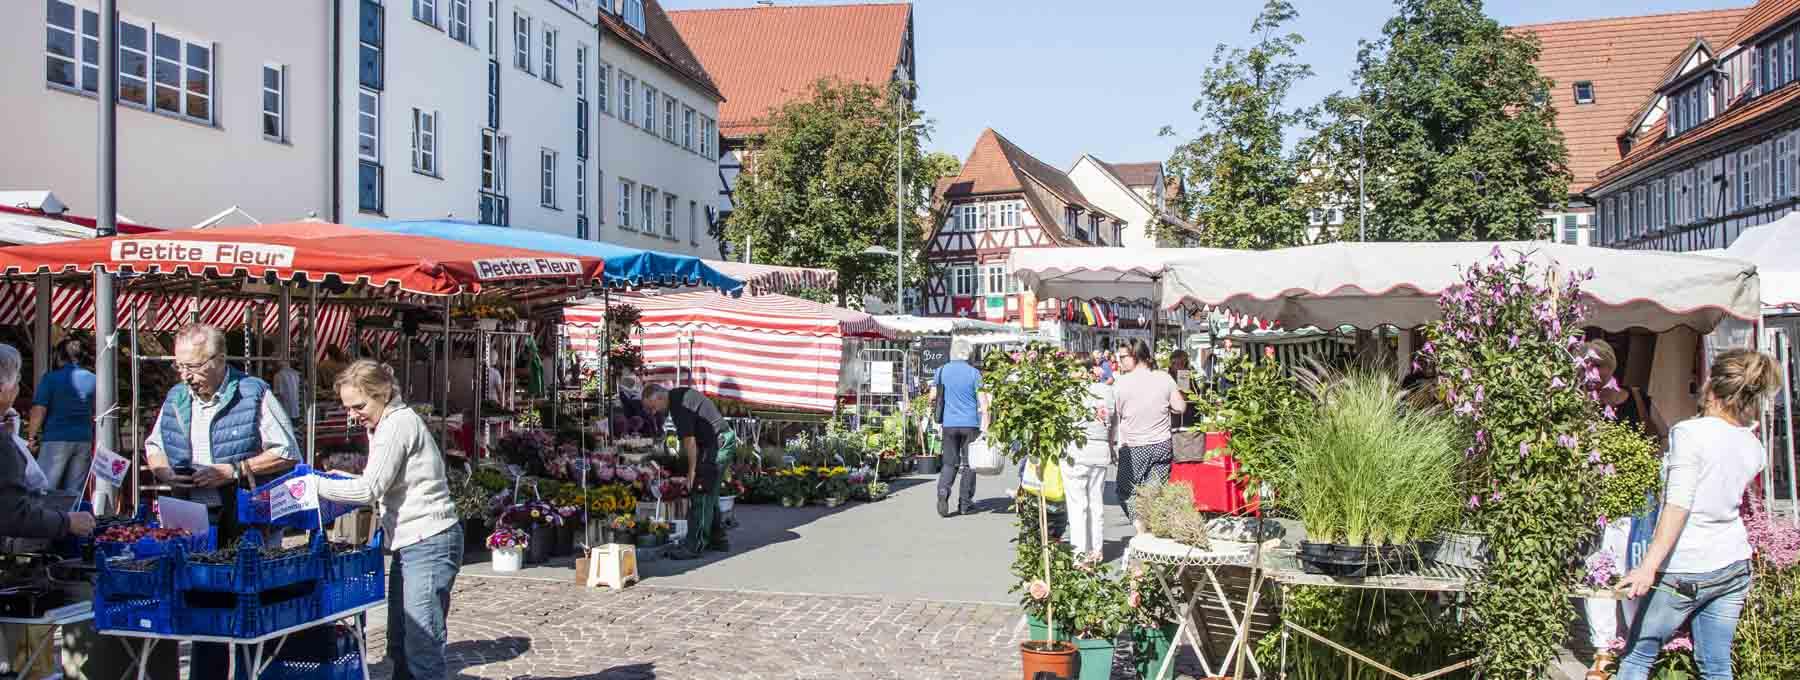 Markt in Kirchheim unter Teck